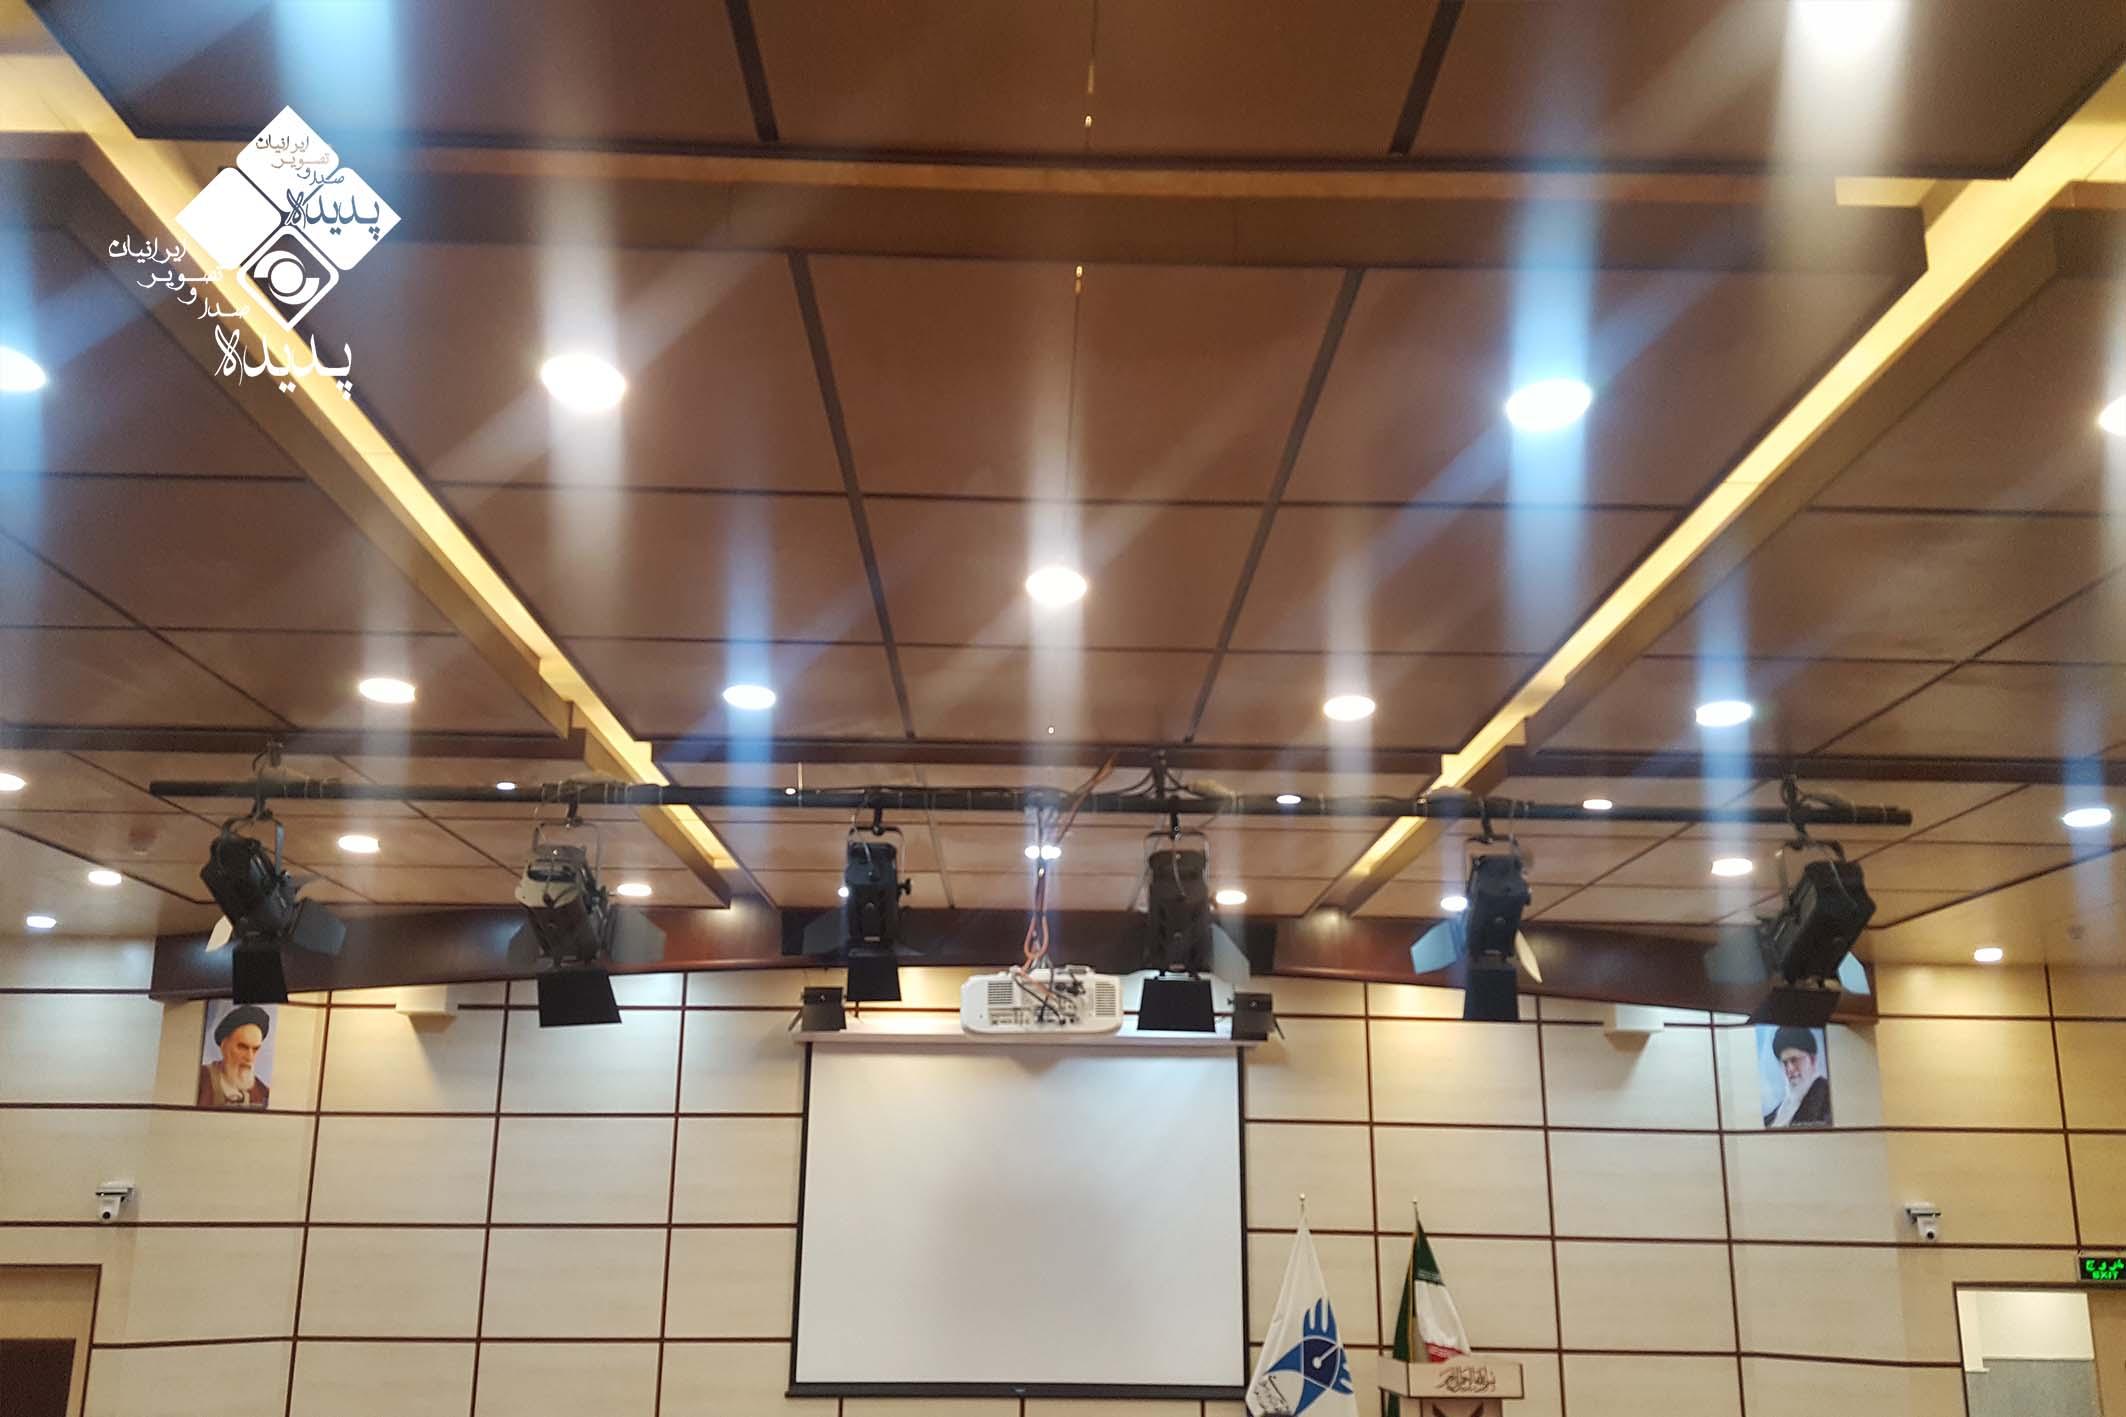 آمفی تئاتر دانشگاه بوئین زهرا 12